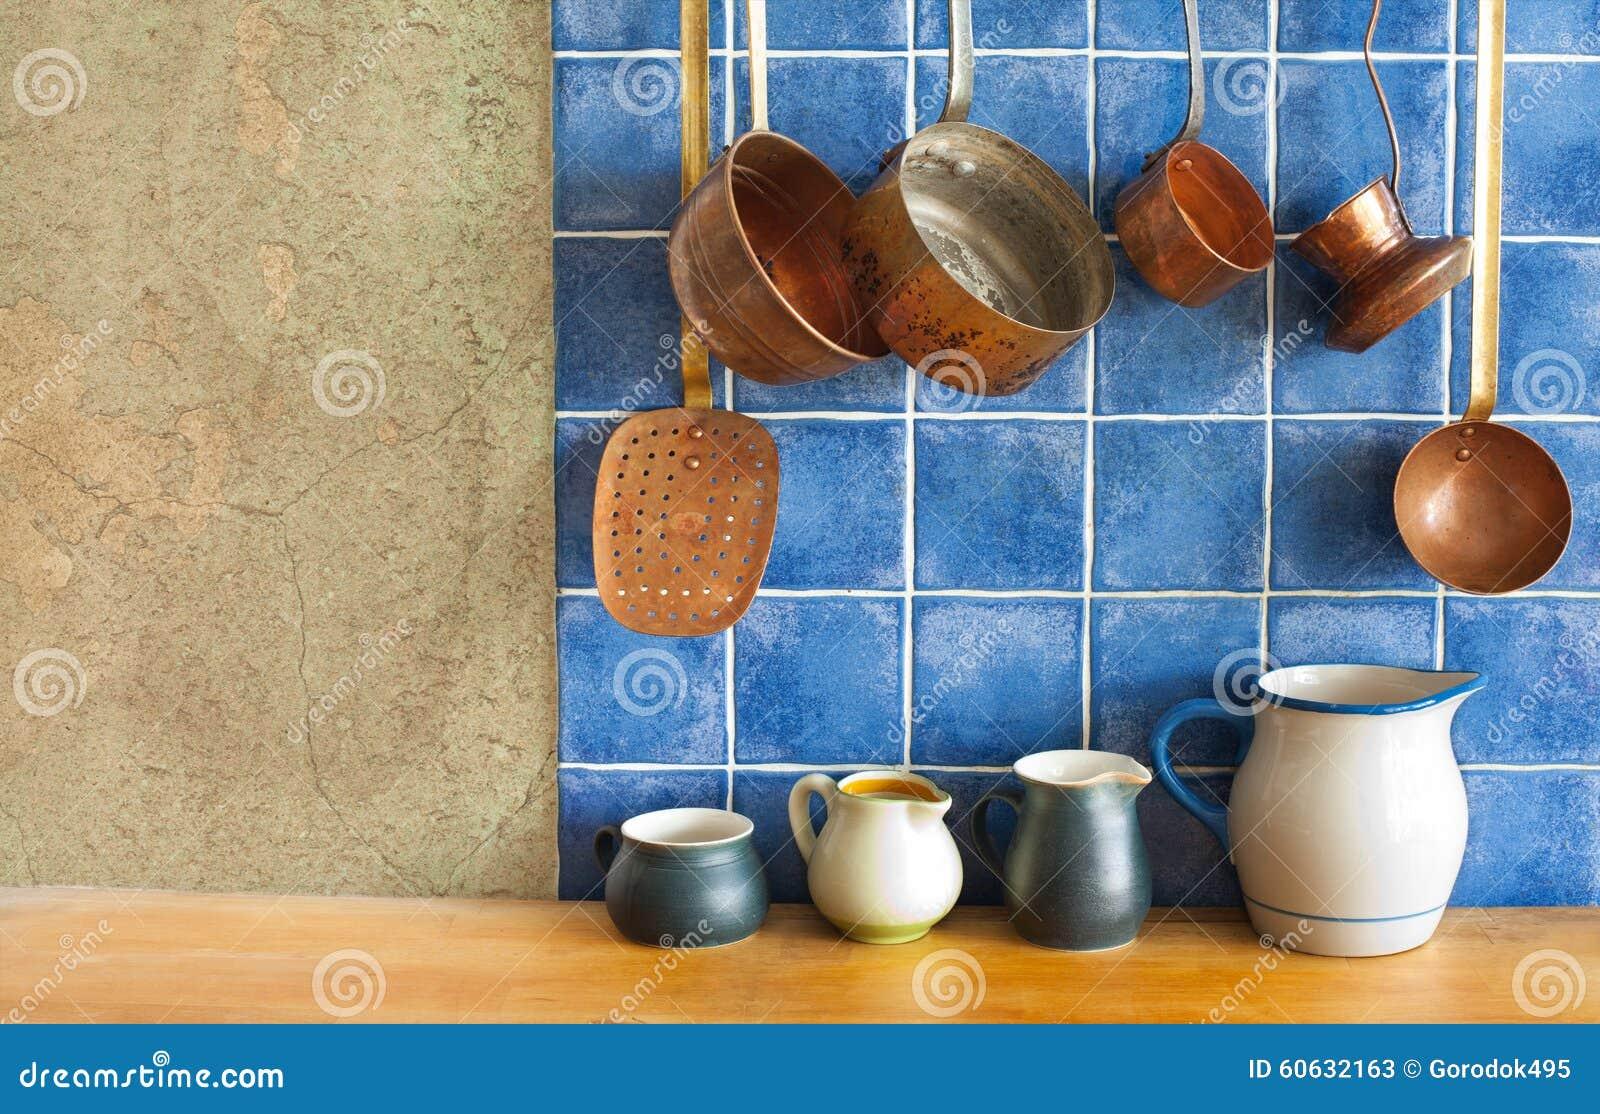 Calle Ligth Sistema Retro Colgante Del Artículos De Cocina Del Cobre ...